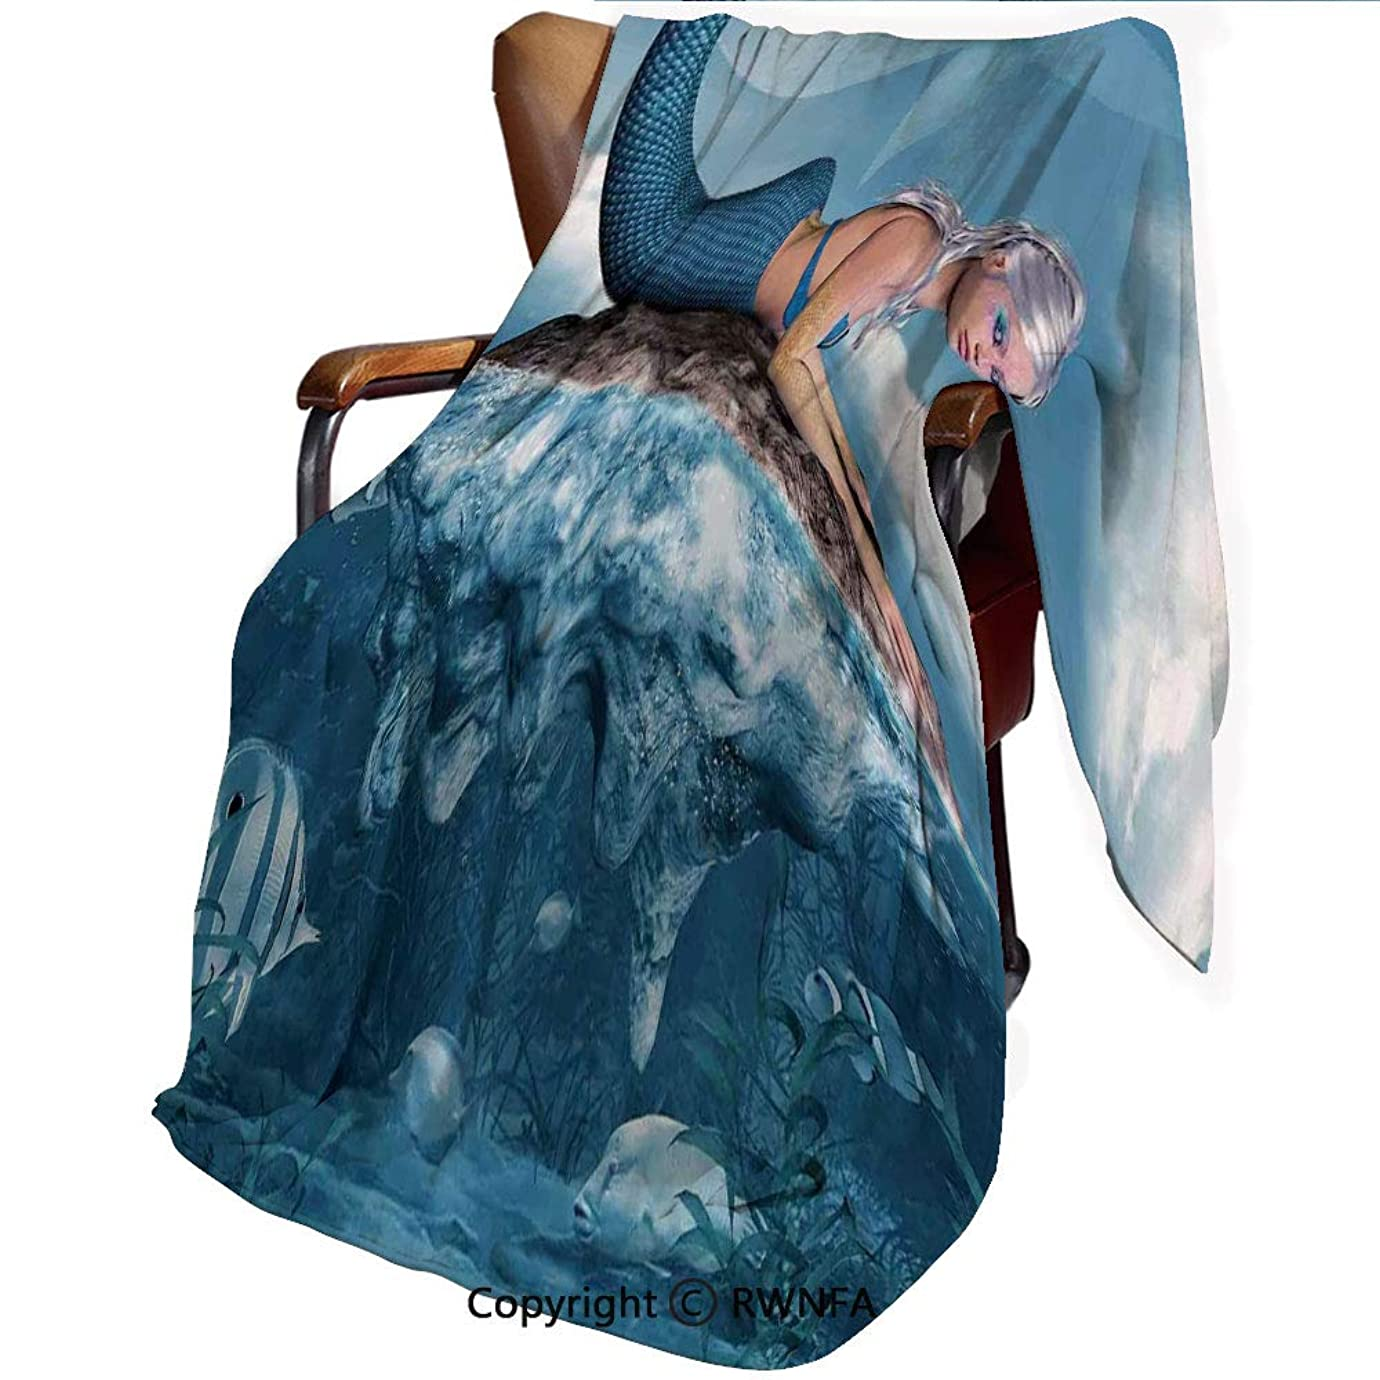 マエストロ偏心ジョリー140cmx200cm 毛布 ひざ掛け ブランケット 大判 用 厚手 ブランケット 秋冬用 暖かい もうふ マイクロファイバー 襟付き 洗える ふわふわ 静電防止 人魚 海の神話上のキャラクター ネイビーブルーホワイトの岩の上の人魚の女の子のグラフィックアートプリント